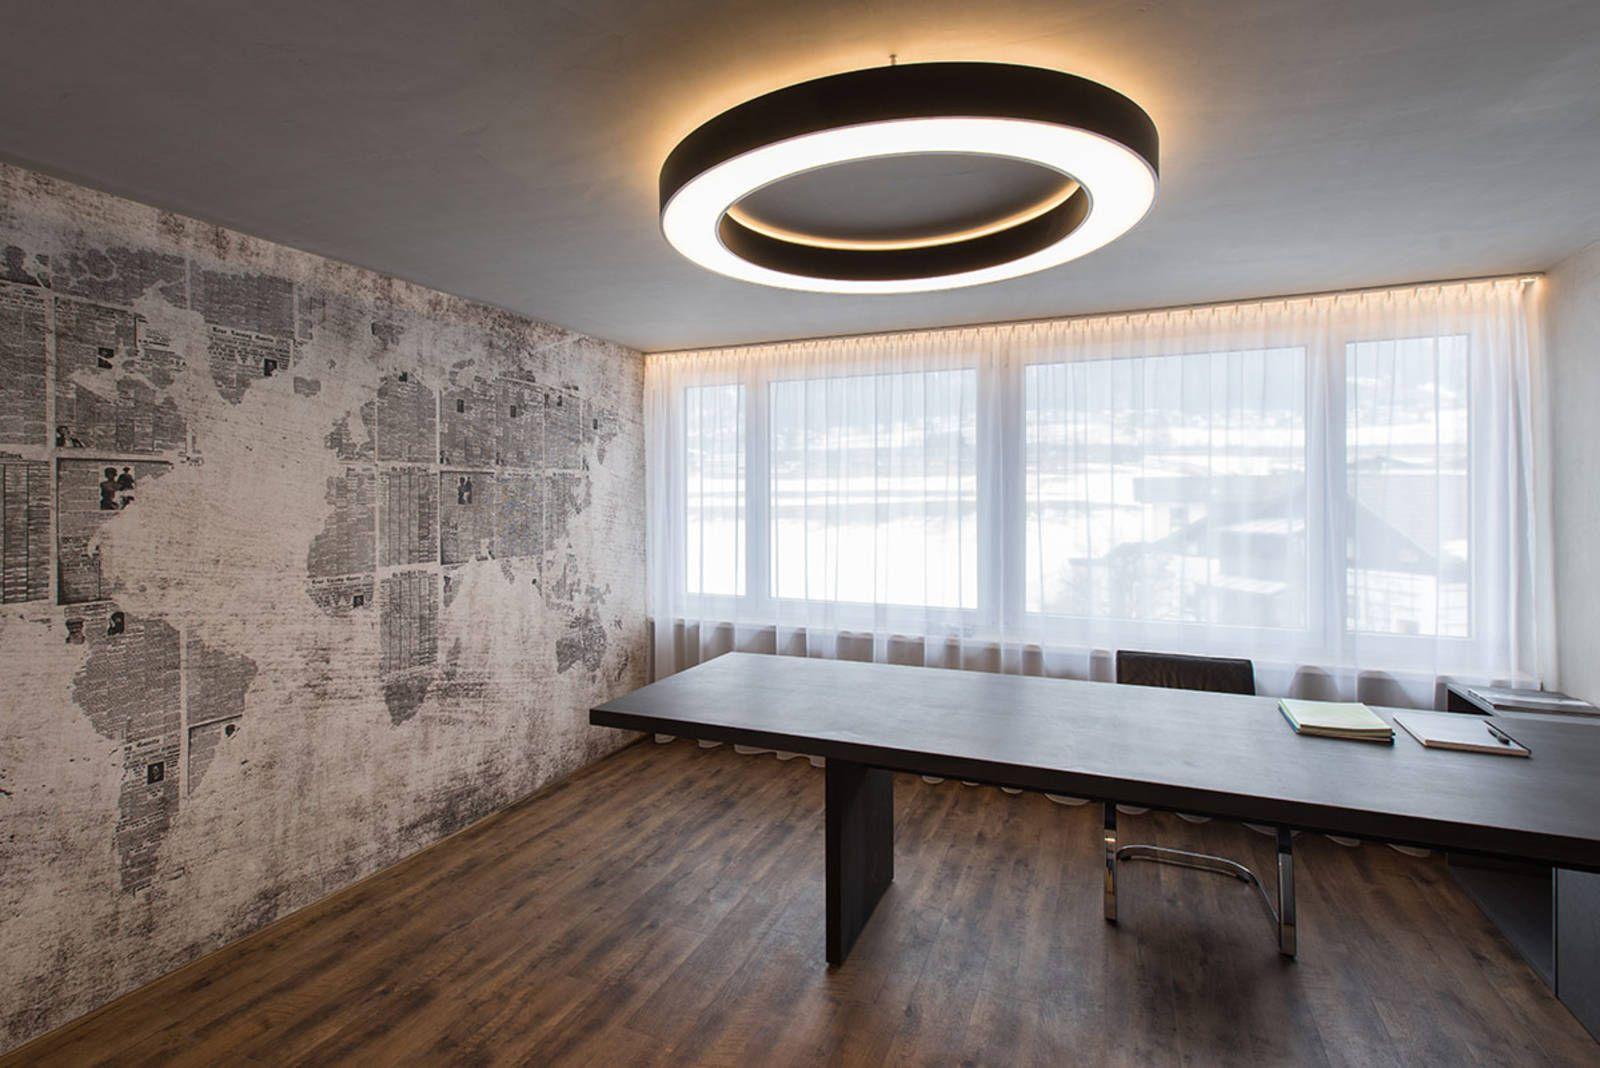 Lewori Runde Deckenleuchte Ringleuchte Designleuche Arbeitsplatz Led Lewori Round Ceiling Lighting Ring Lighting Design Light Moderne Deckenleuchten Design Und Deckenleuchten